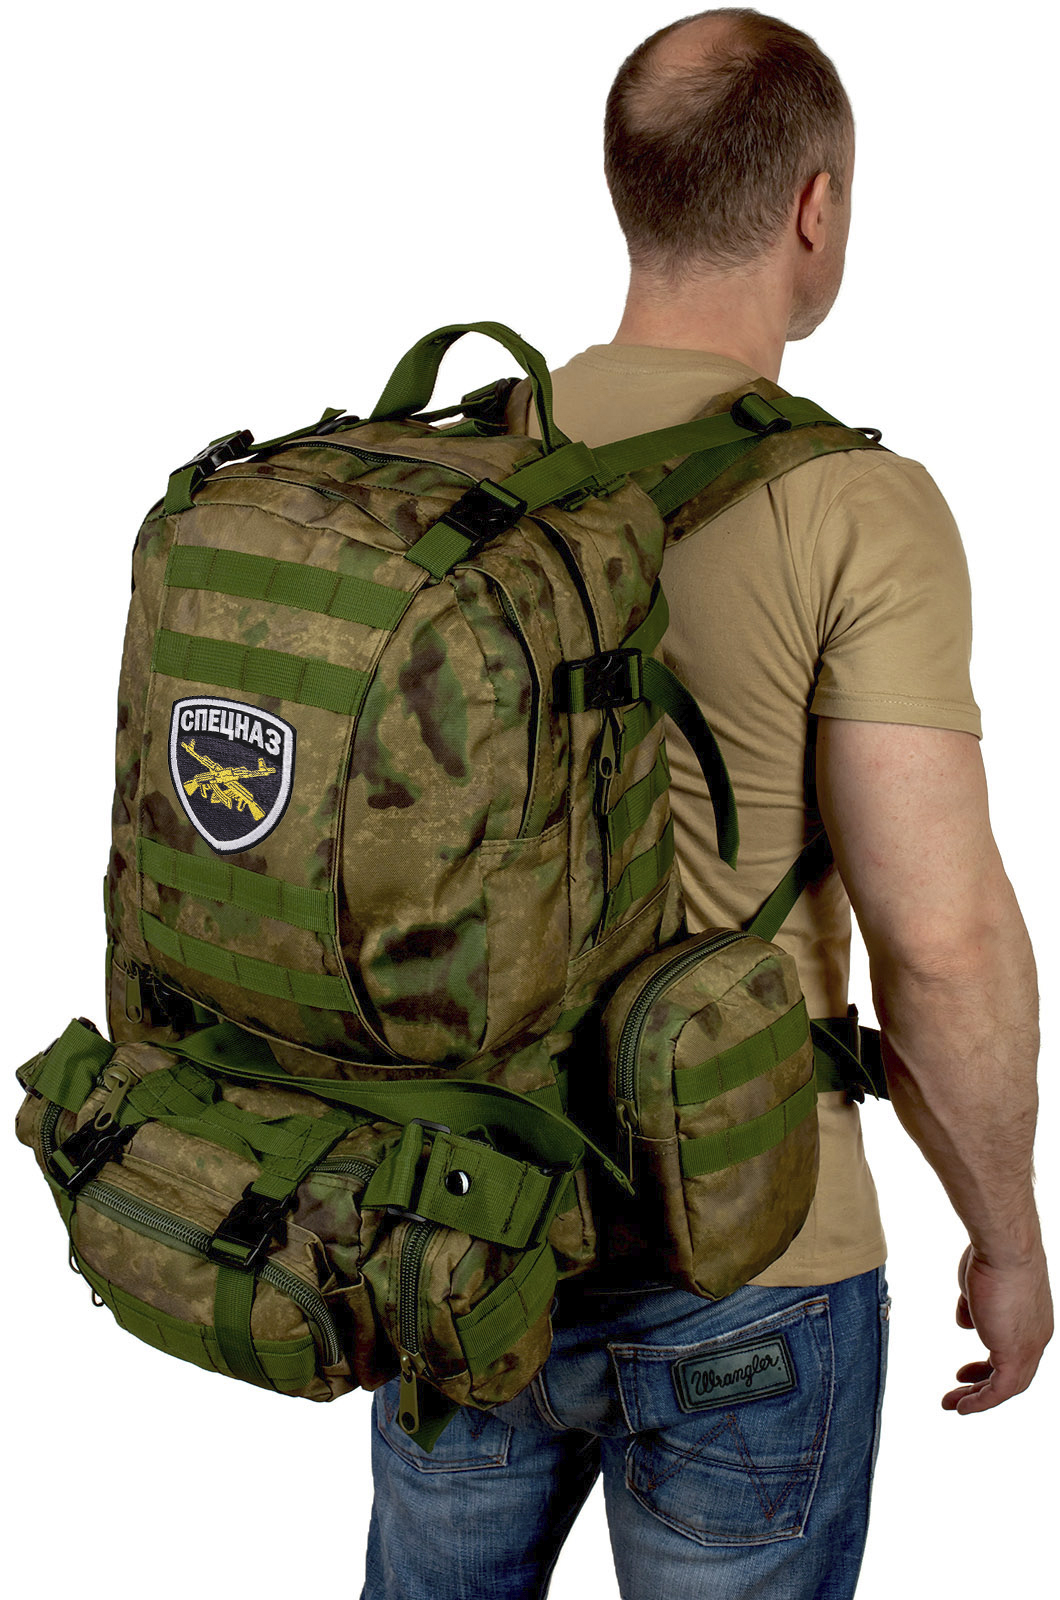 Рейдовый камуфляжный рюкзак-трансформер СПЕЦНАЗ - заказать выгодно